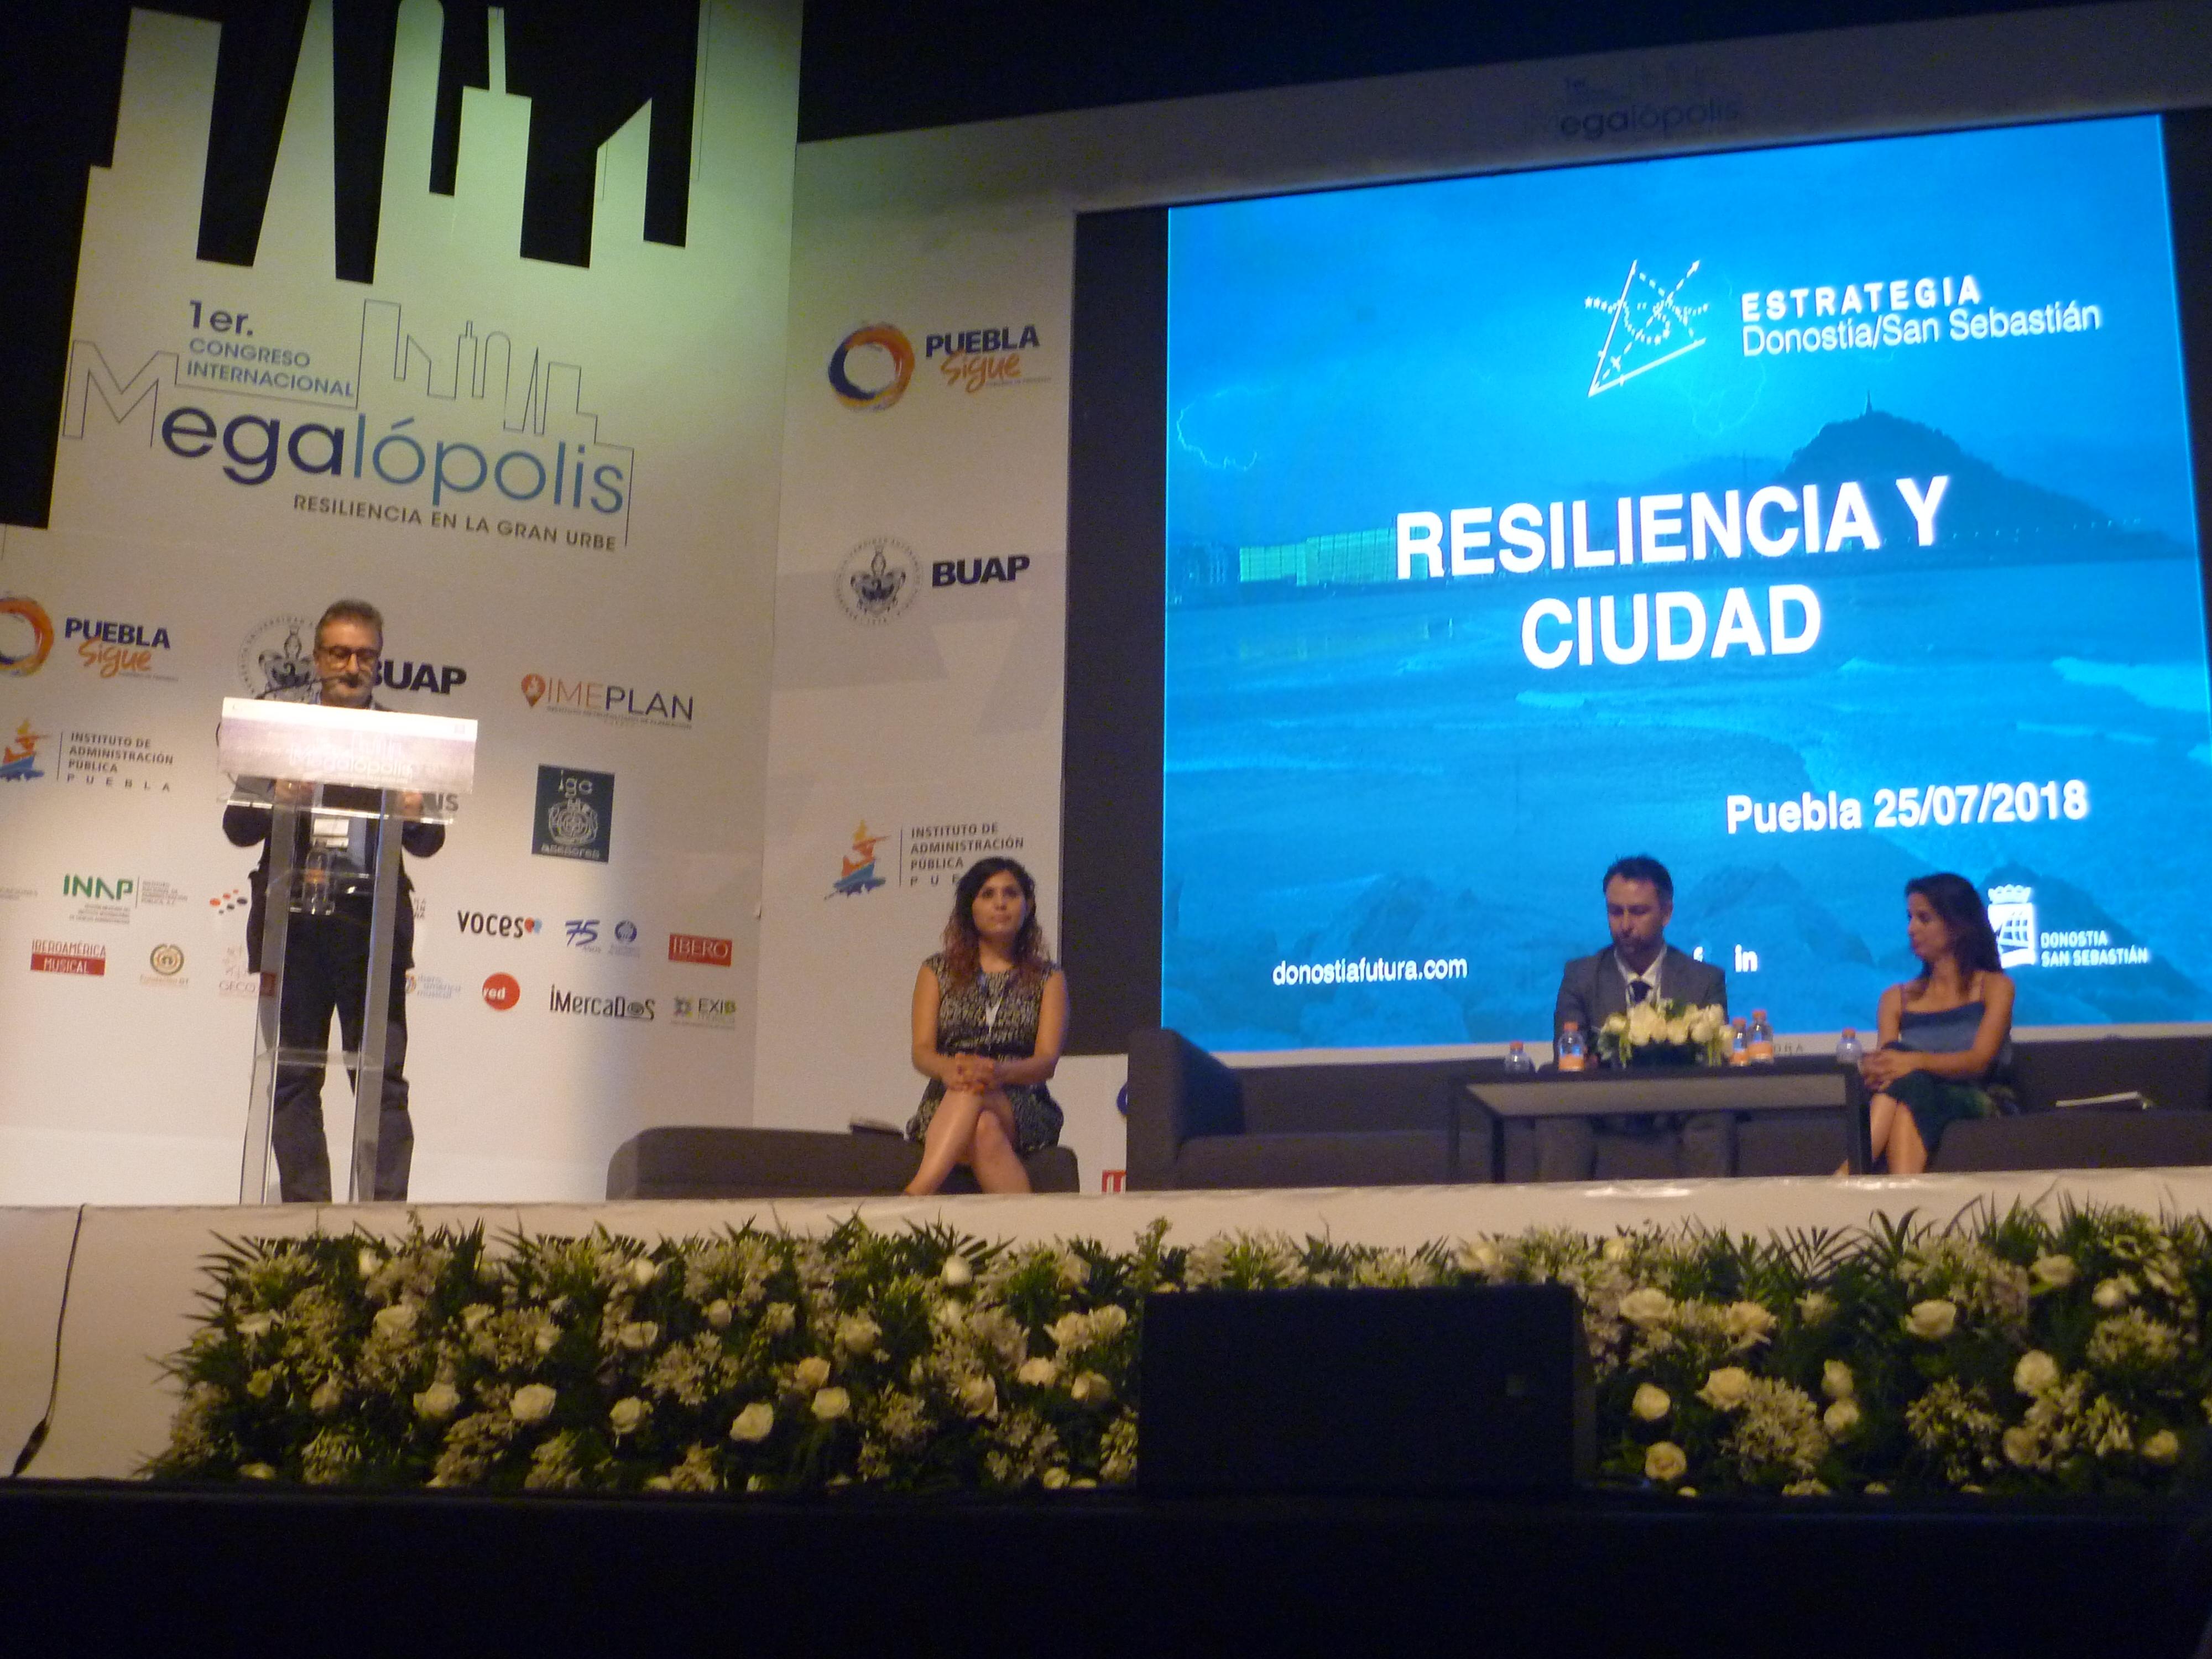 Kepa Korta, participando en el Congreso Megalópolis en México hablando sobre la resiliencia en la gran urbe